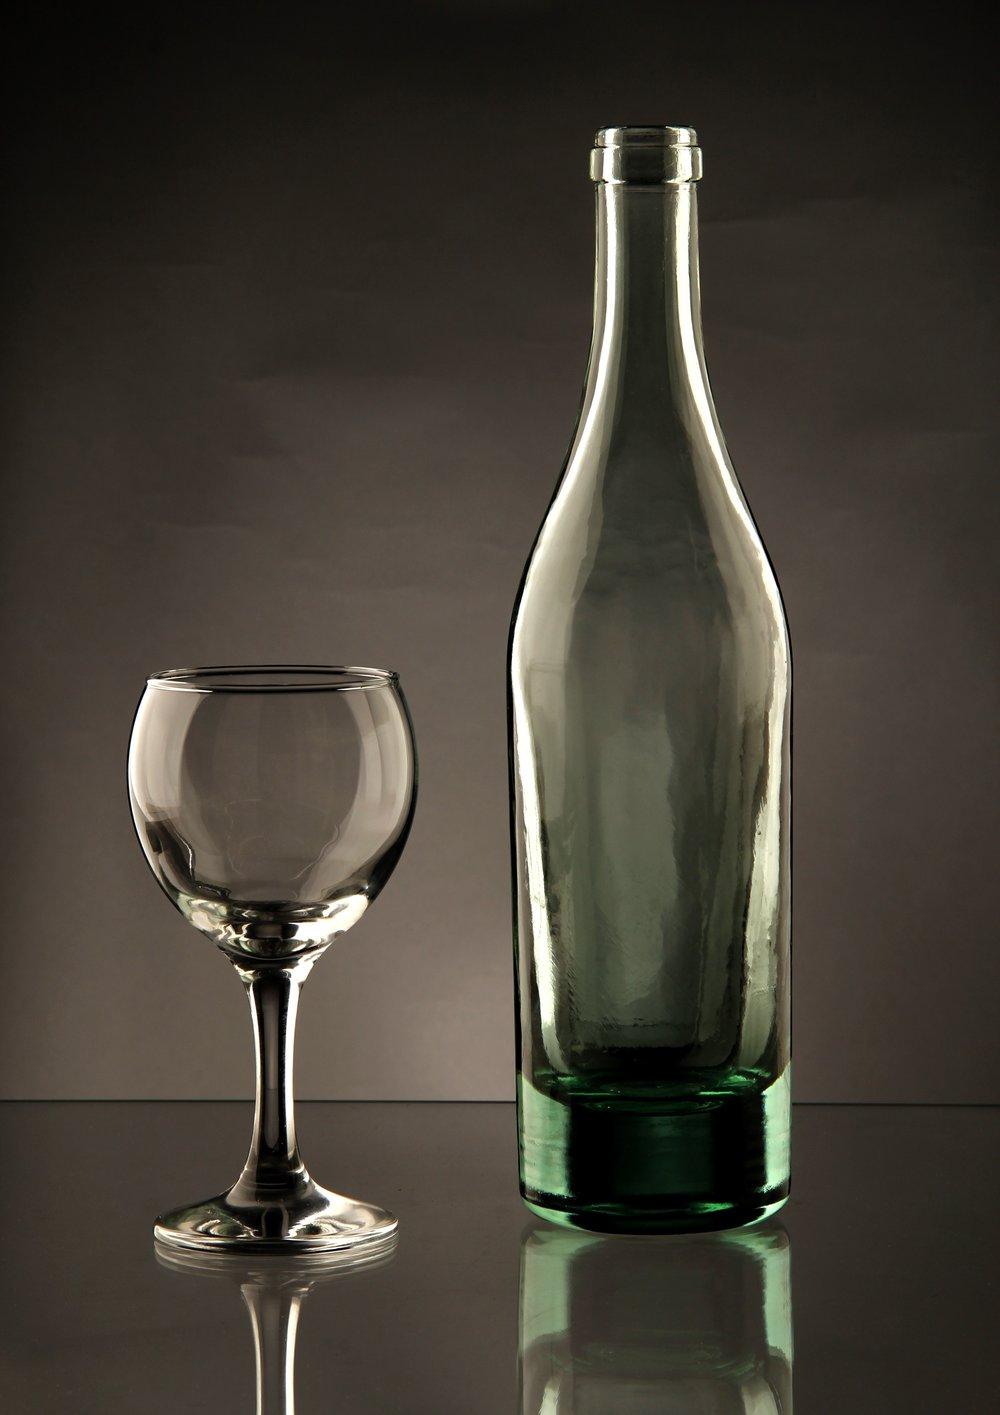 Tissuttelun sparri - Suunnattuliiallisesta alkoholin kulutuksesta kärsiville henkilöille.